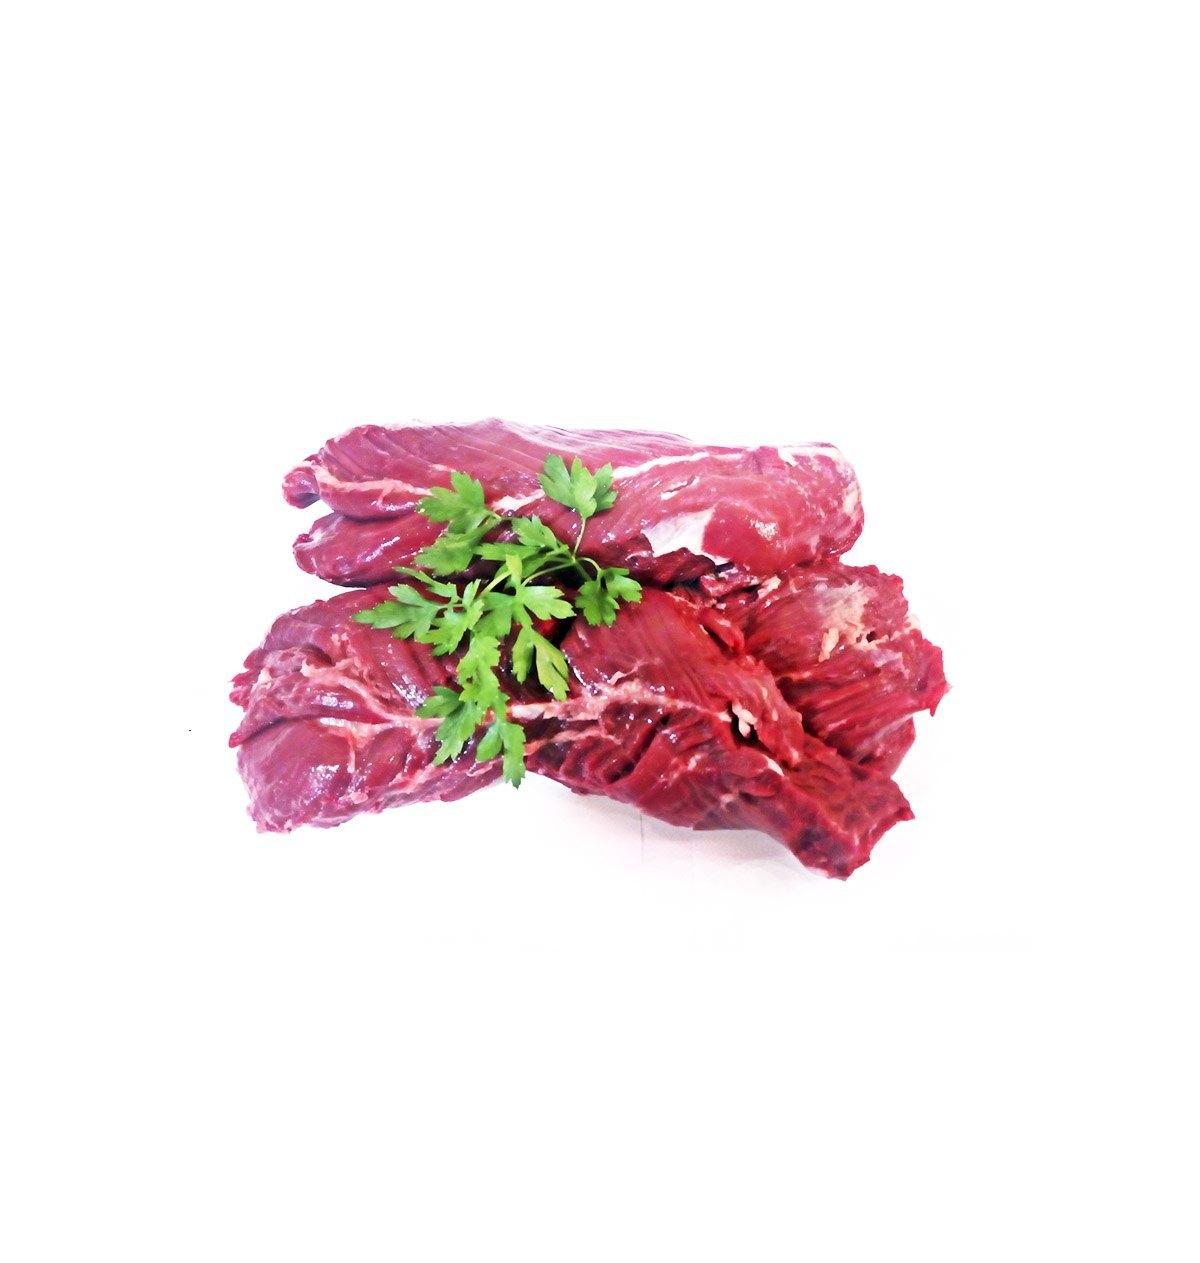 Comprar Carne de entraña